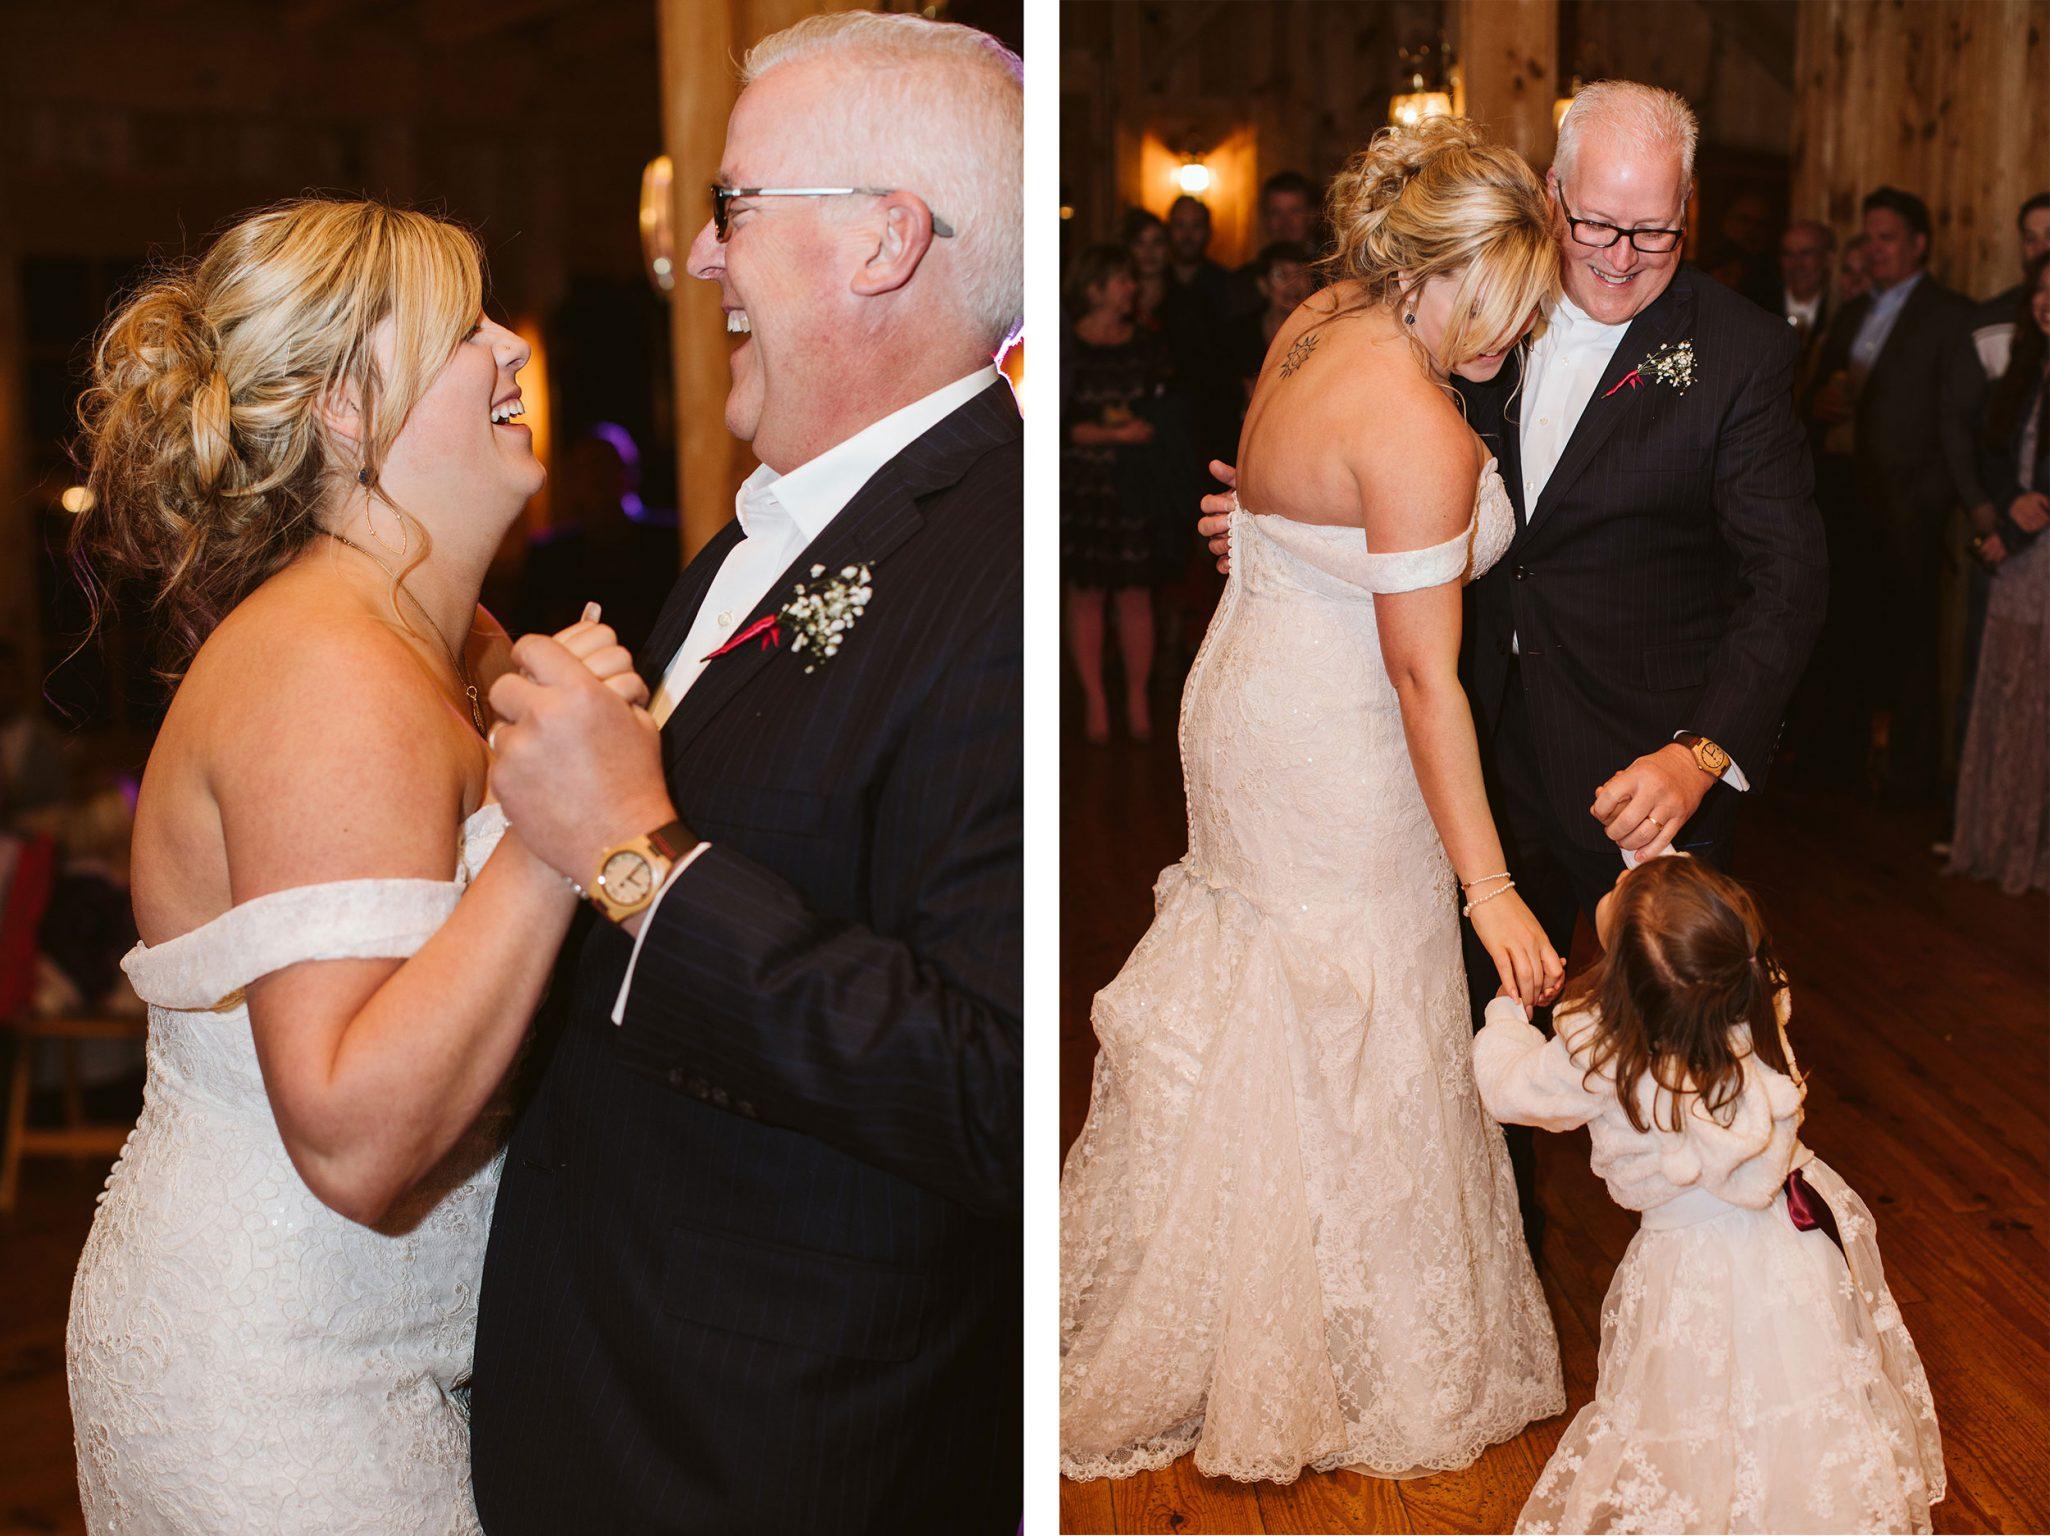 Dancing with dad | Durango Weddings Magazine